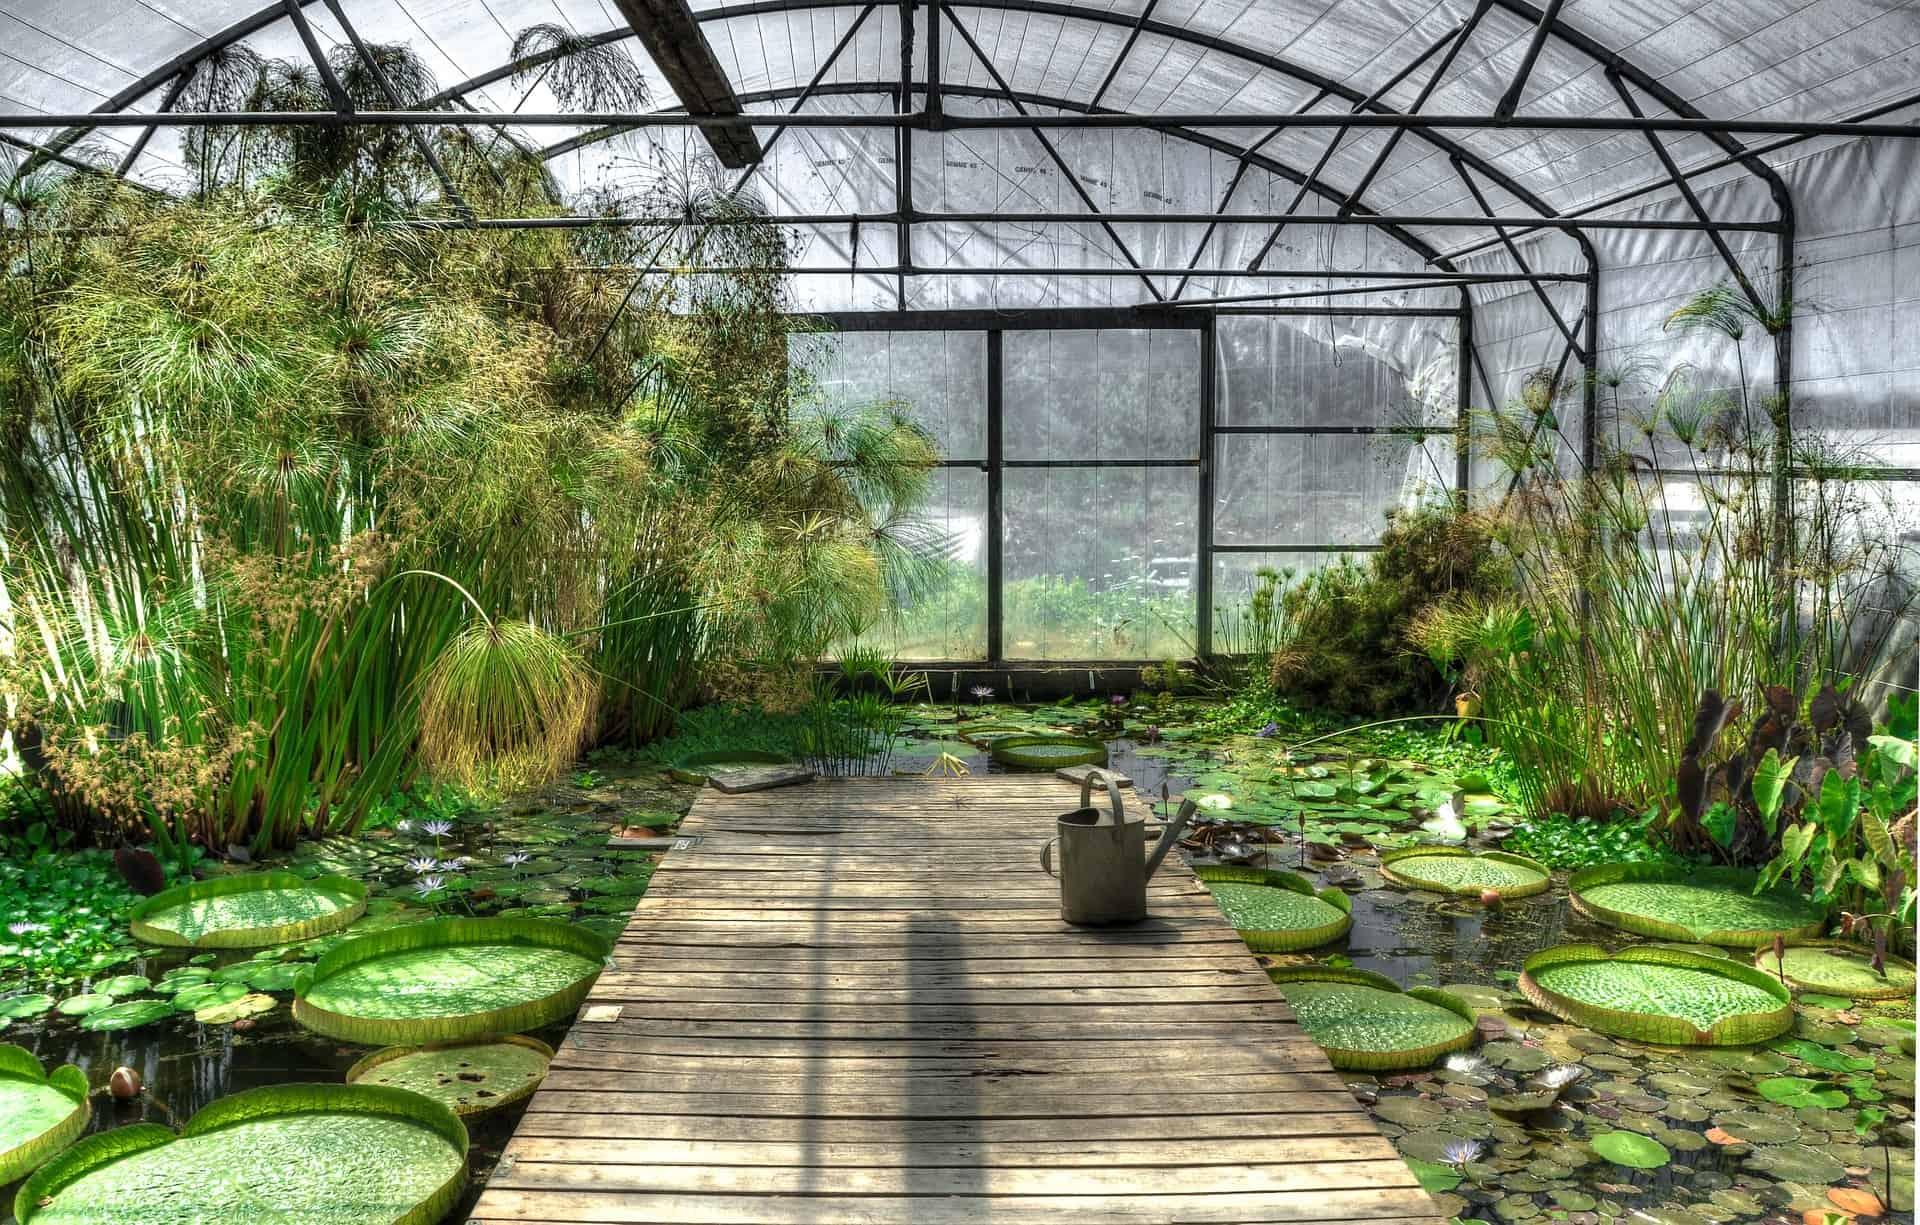 Best Greenhouse for Aquaponics